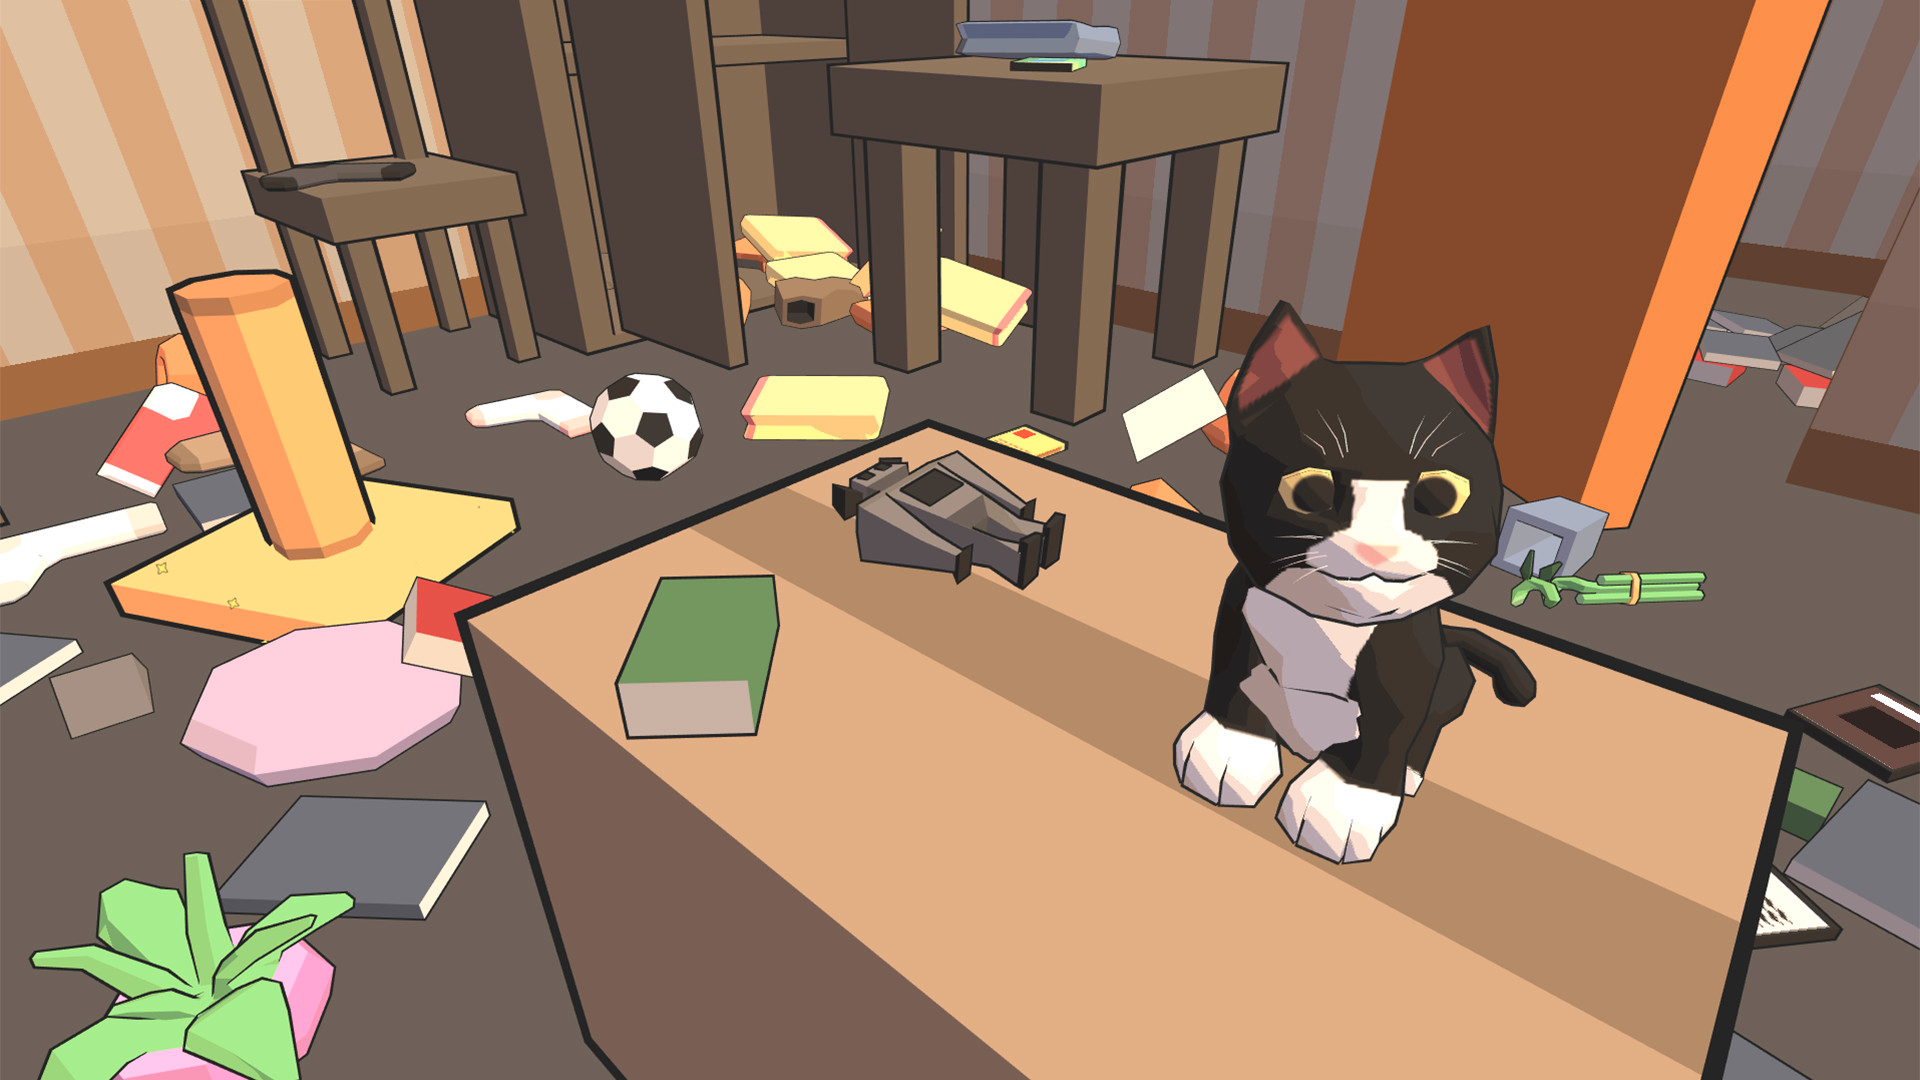 『Catlateral Damage(にゃんこラテラル・ダメージ)』ゲーム画面